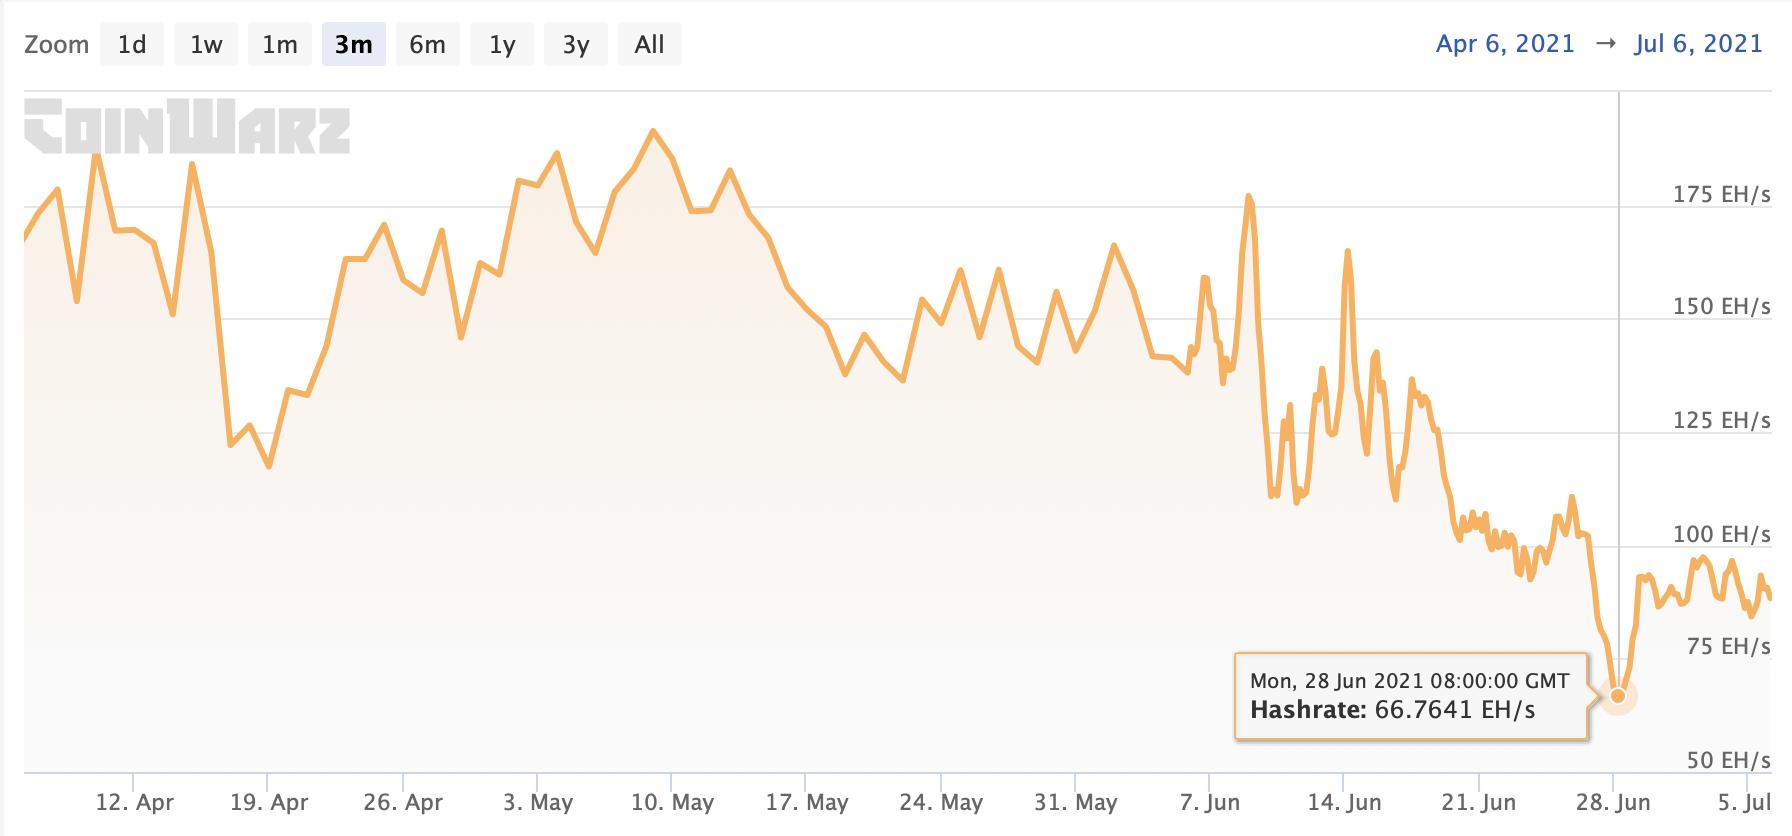 биткоин график хешрейт